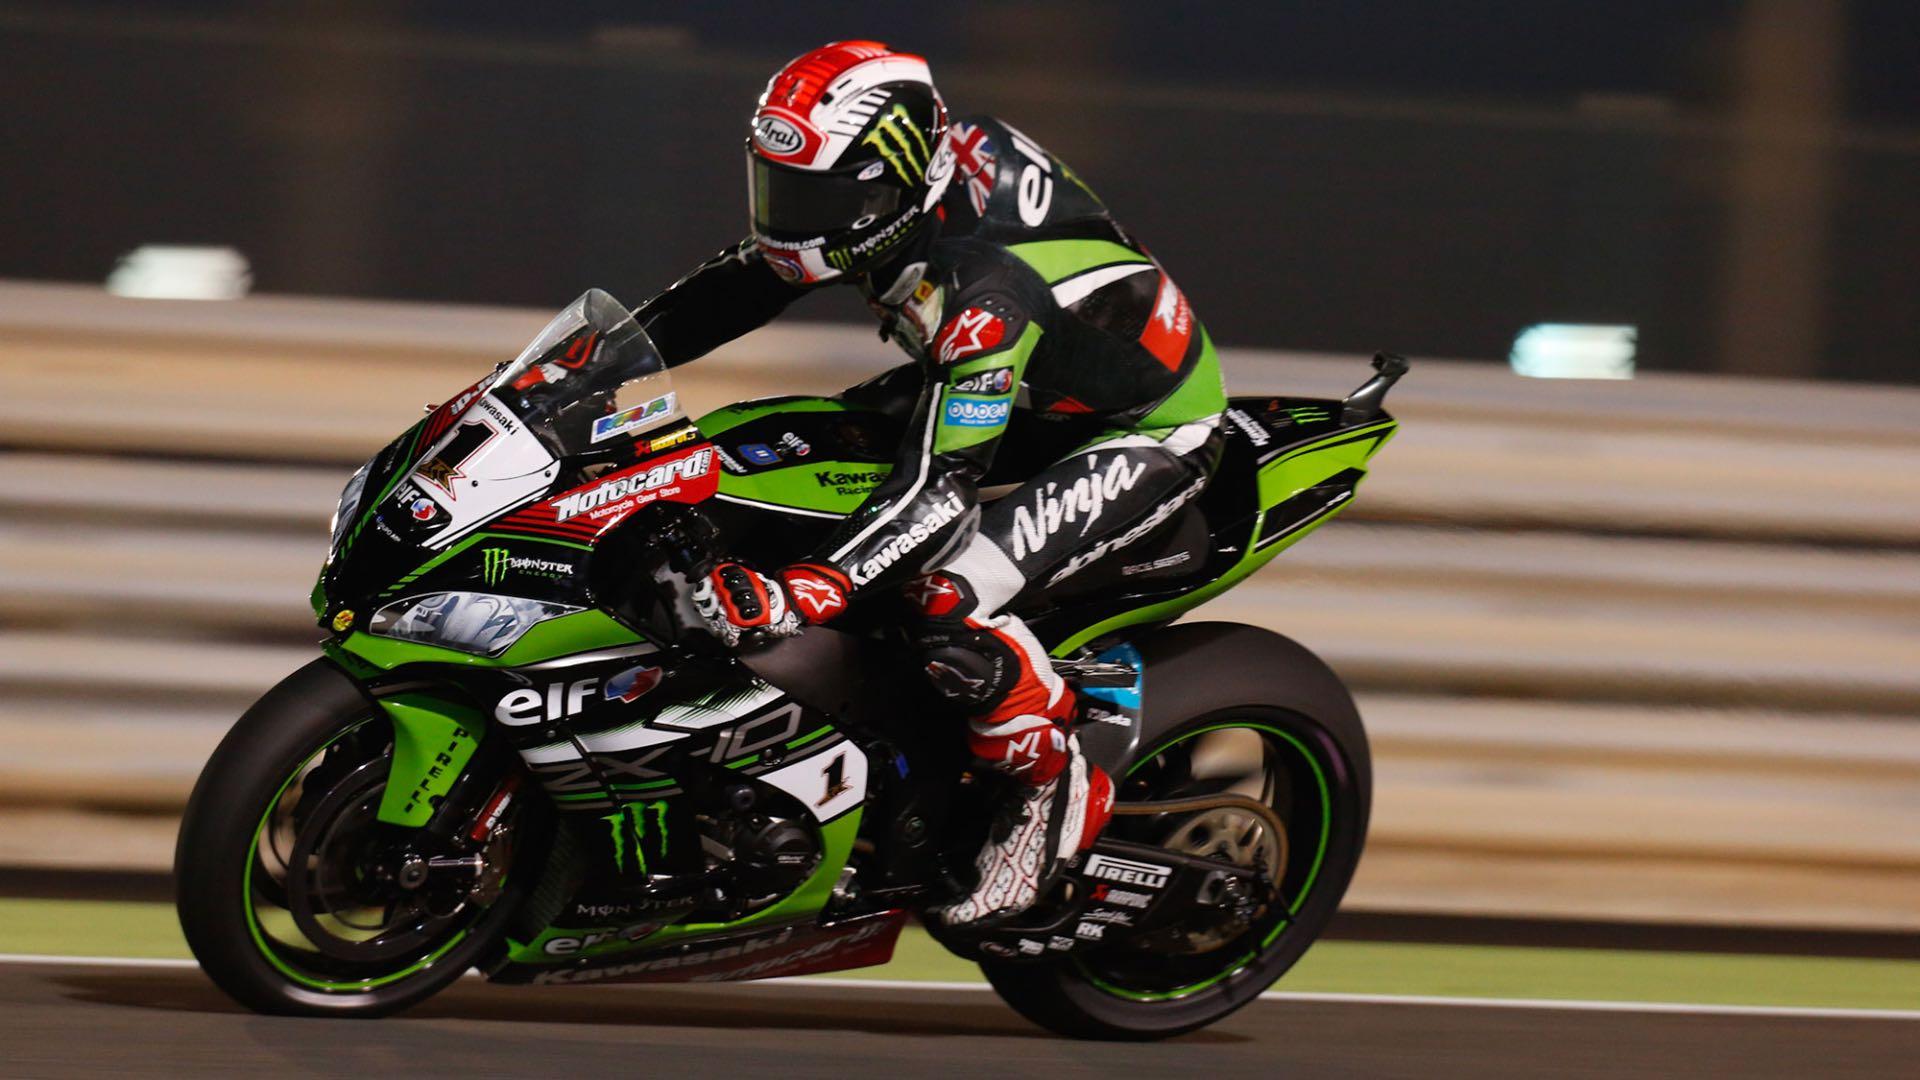 2016-world-superbike-champion-jonathan-rea-2